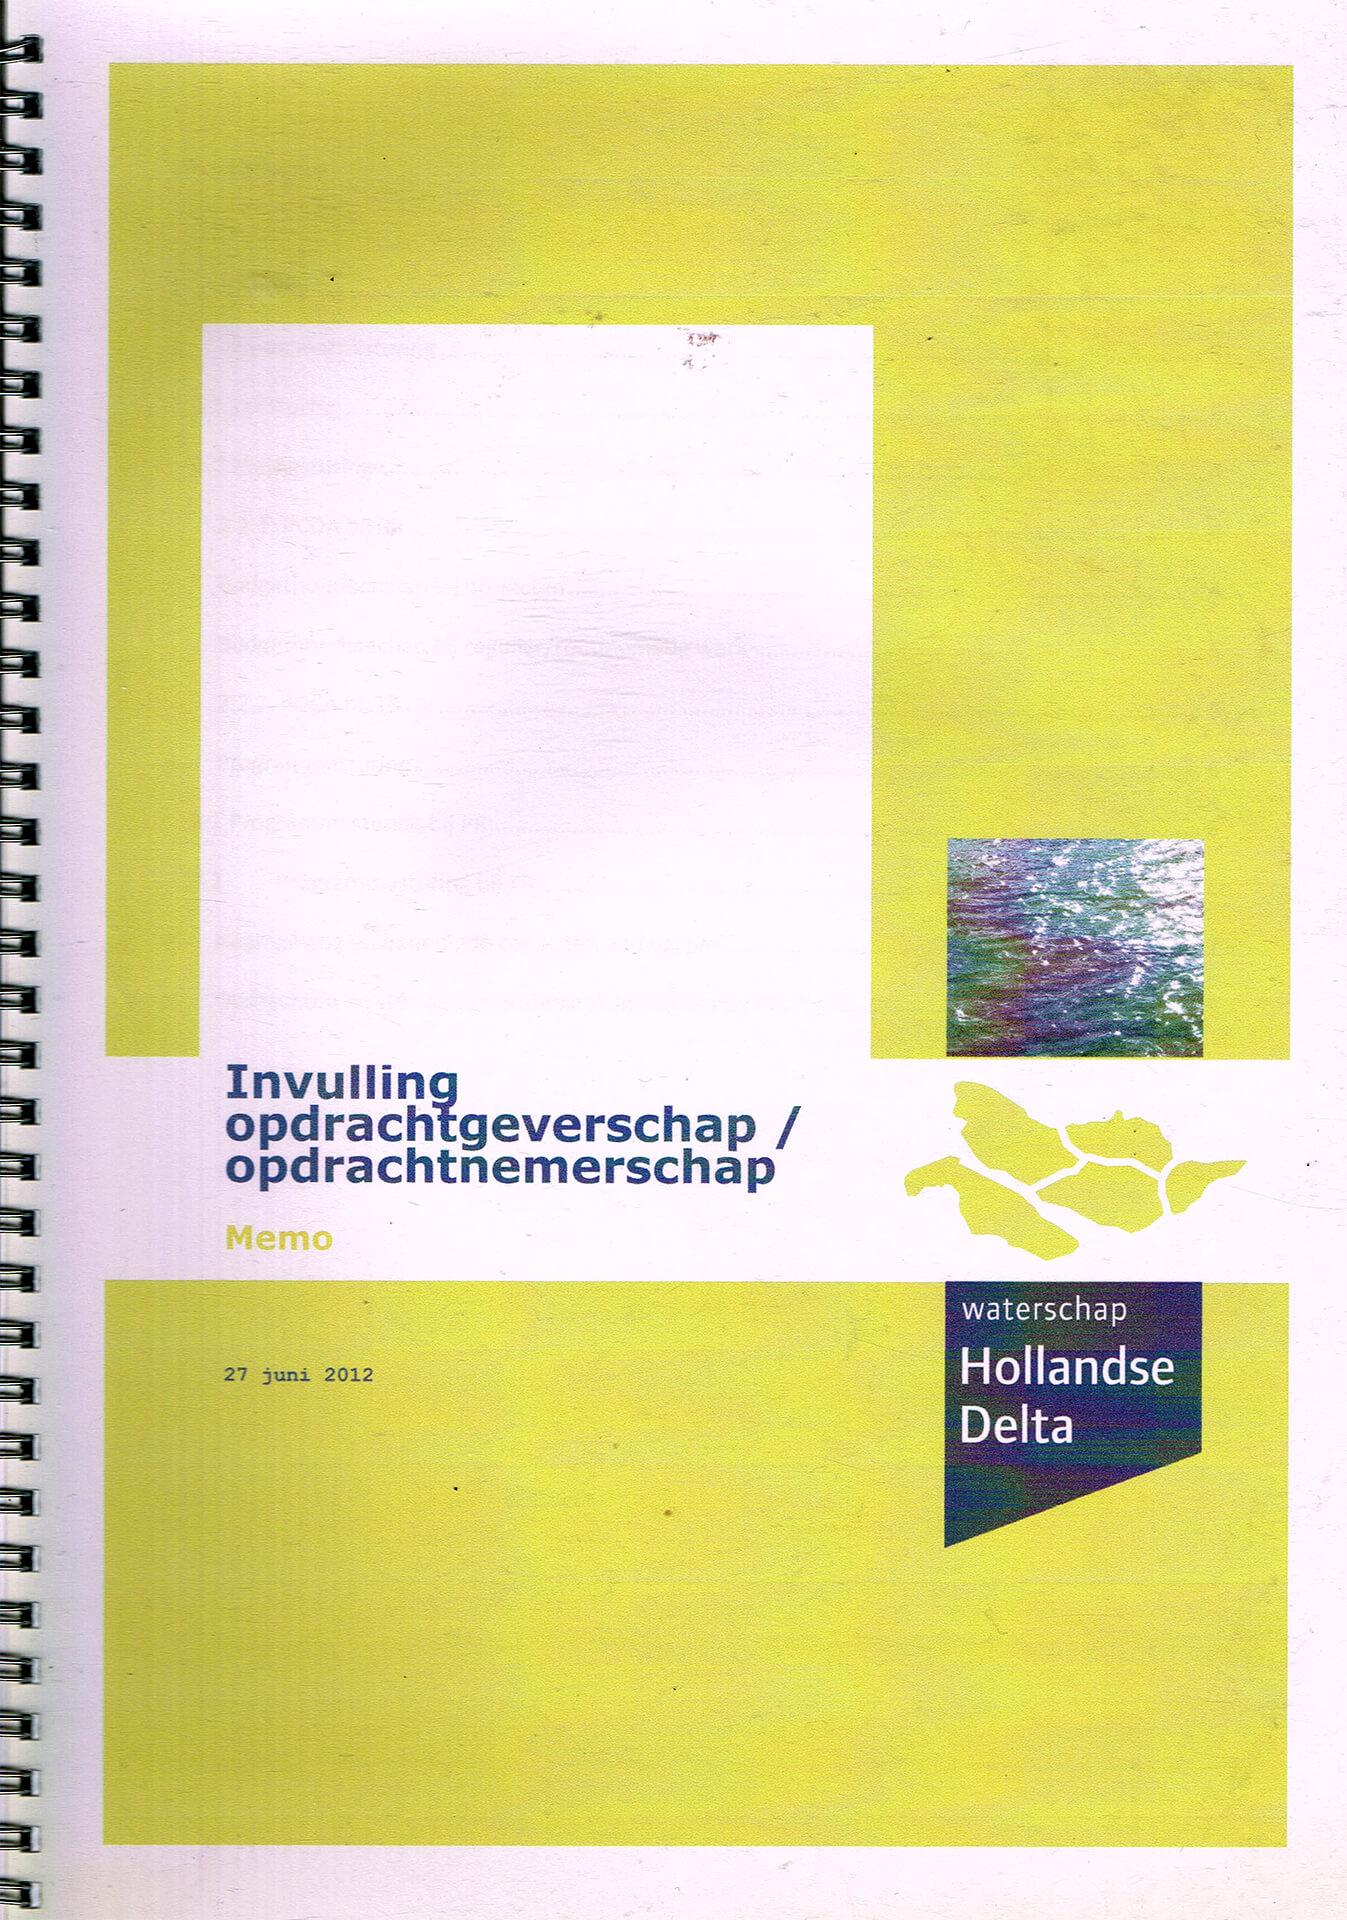 2012 Opdrachtgever- opdrachtnemerschap Hollandse Delta